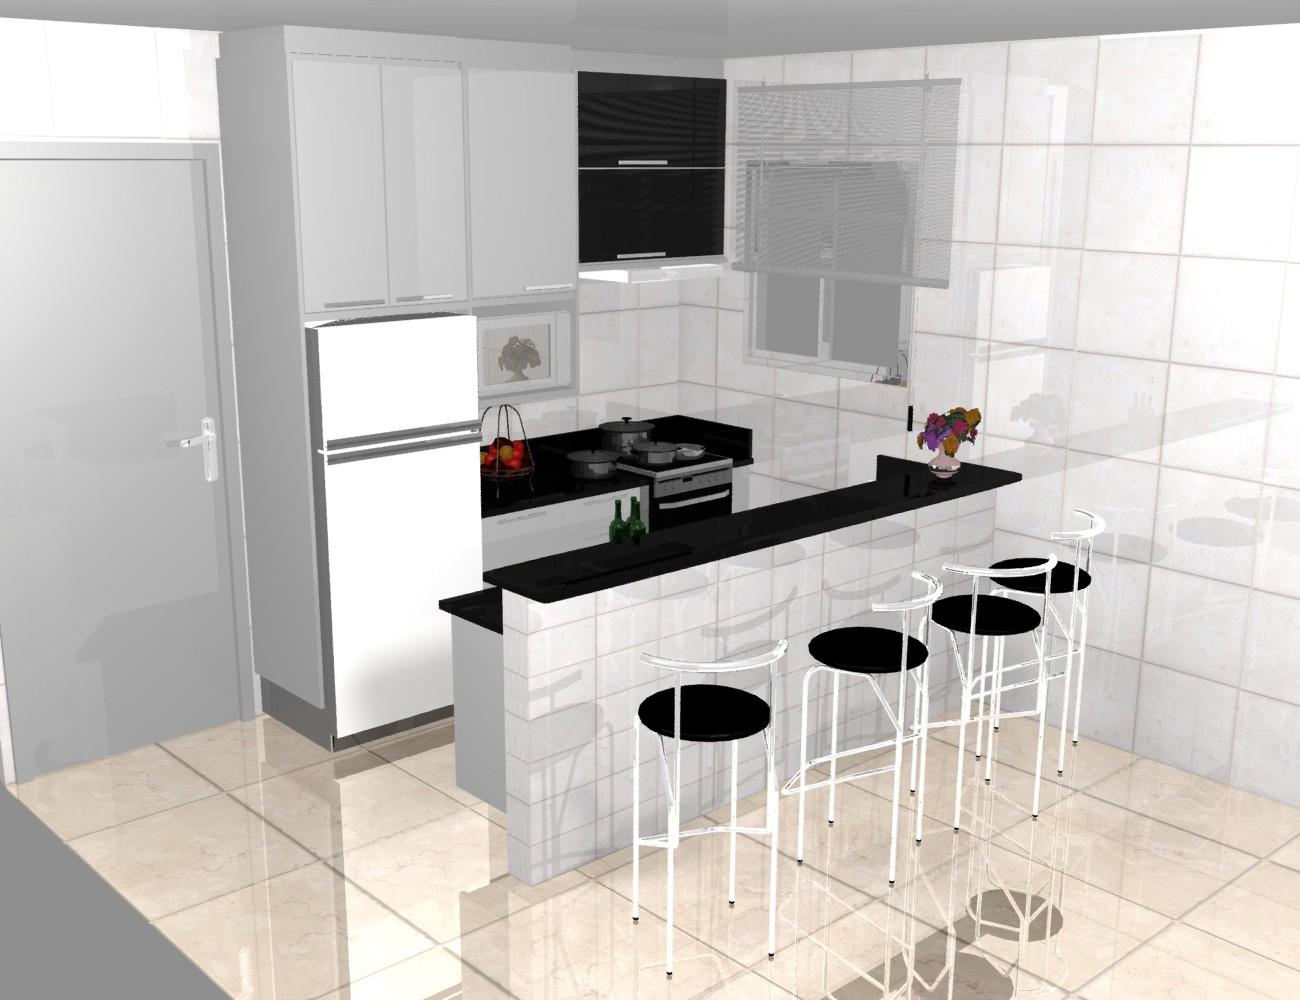 #703324  cozinhas planejadas simples bonita pequenas de luxo projeto branca 1300x1000 px Fotos De Projetos De Cozinhas Pequenas_3485 Imagens